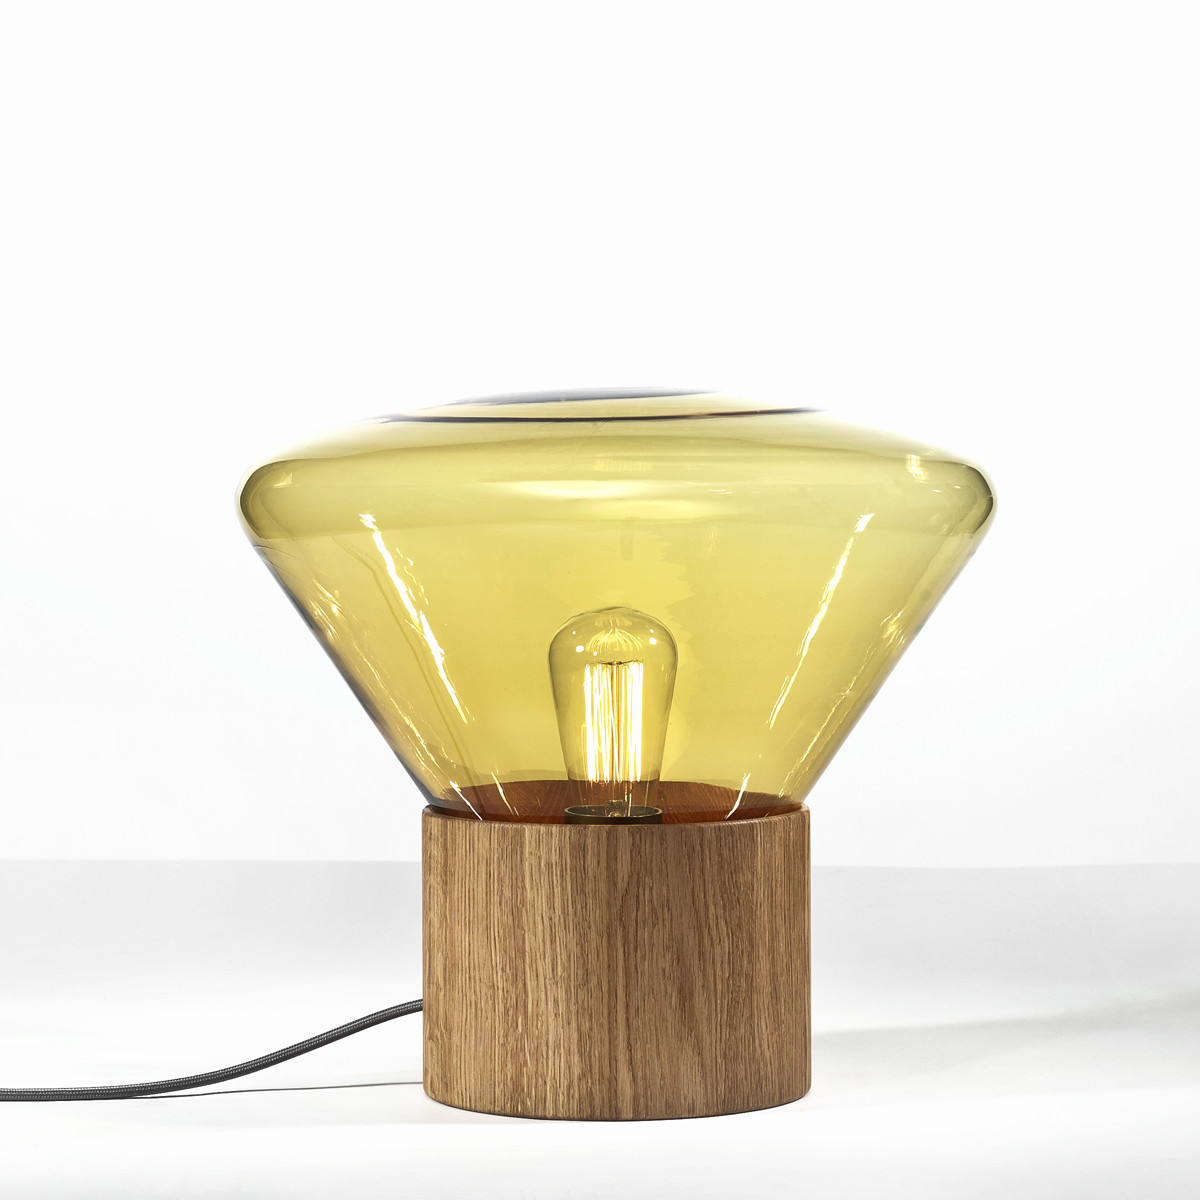 brokis muffins tisch und bodenleuchte 26 cm casa de. Black Bedroom Furniture Sets. Home Design Ideas